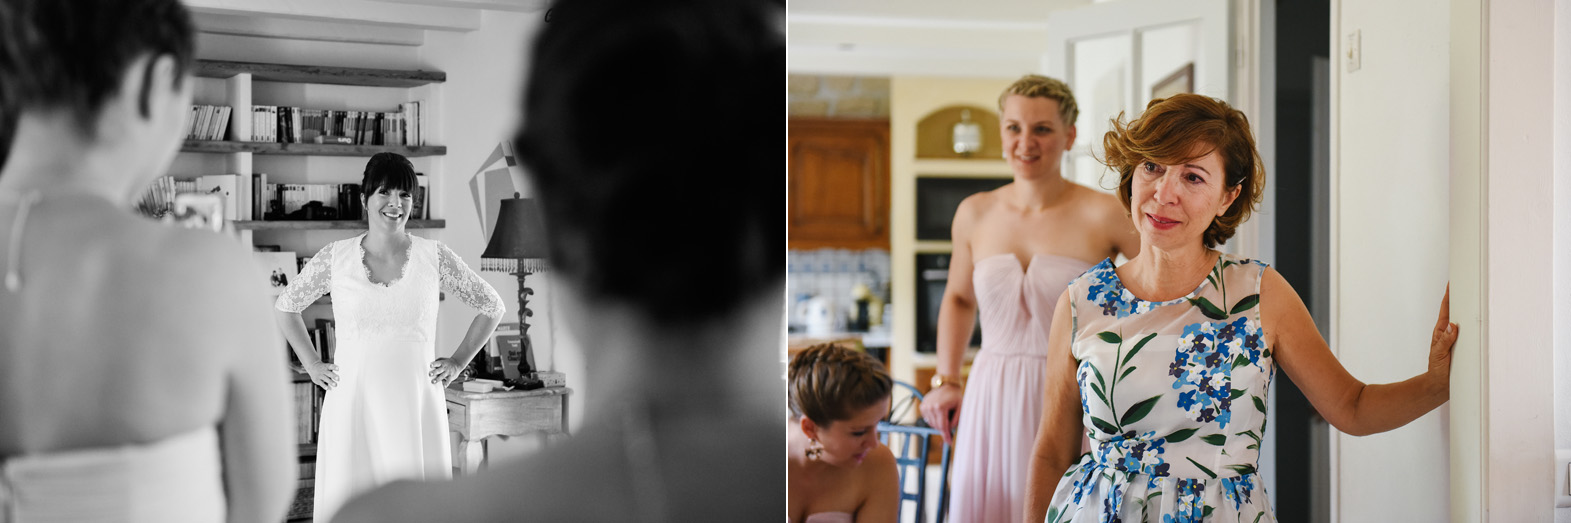 diptyque, une mère bouleversée en regardant sa fille habillée en robe de mariée